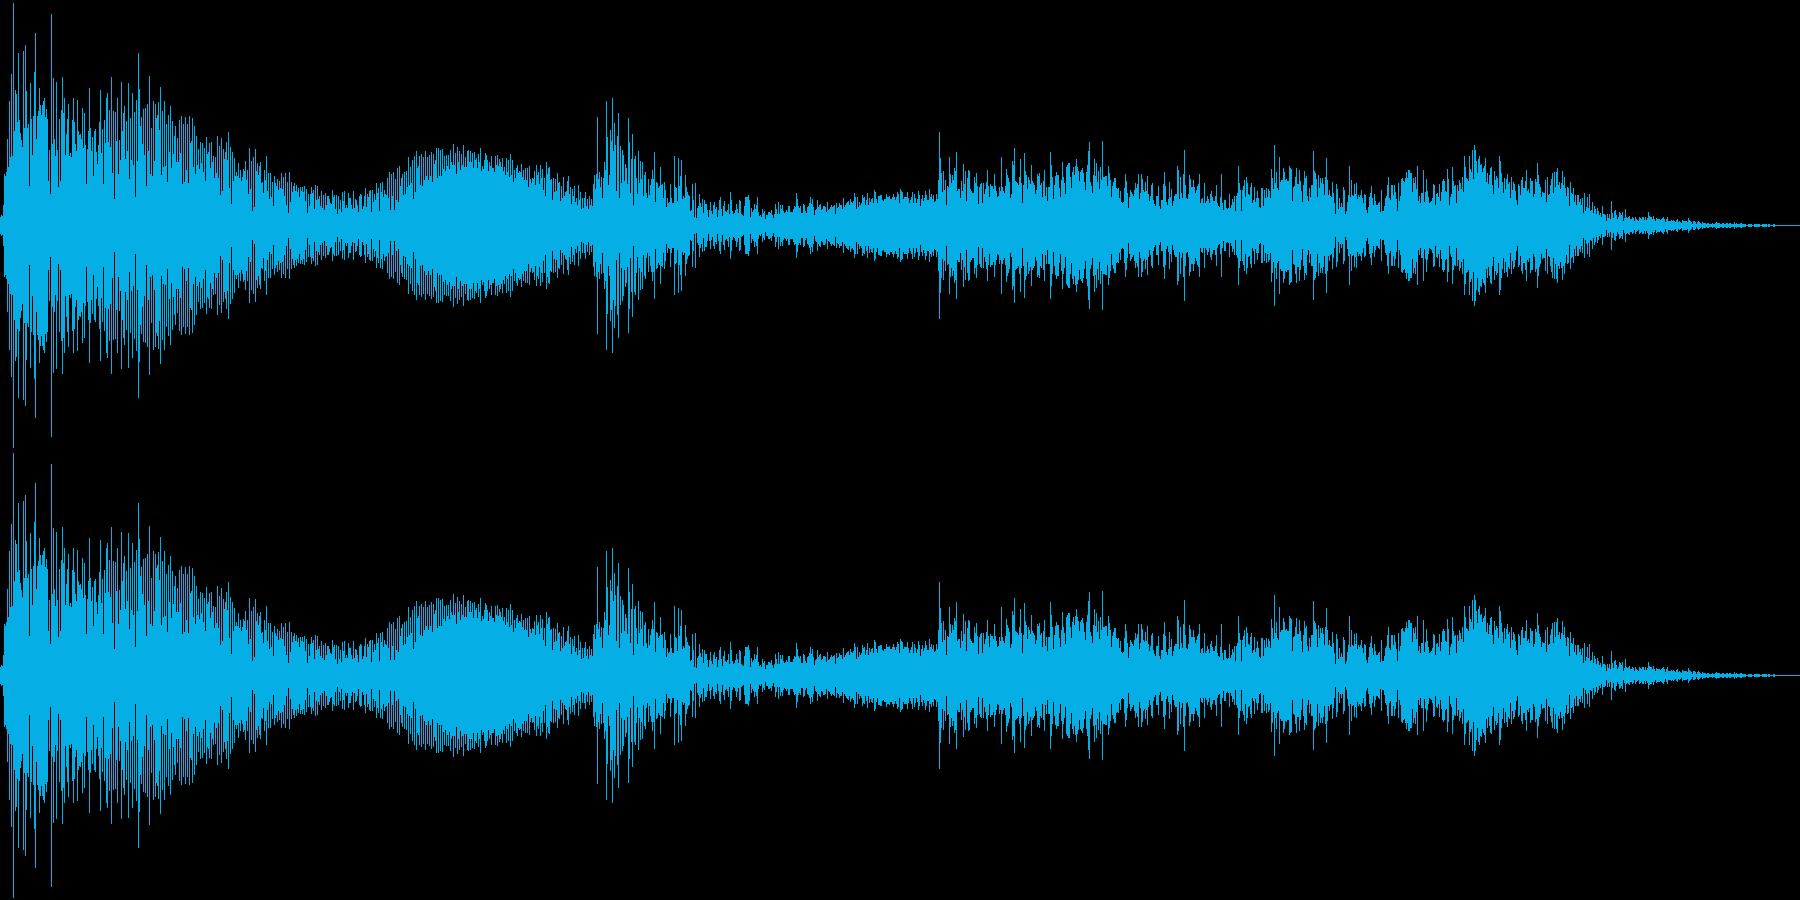 テレンッ(機械的な決定音)の再生済みの波形